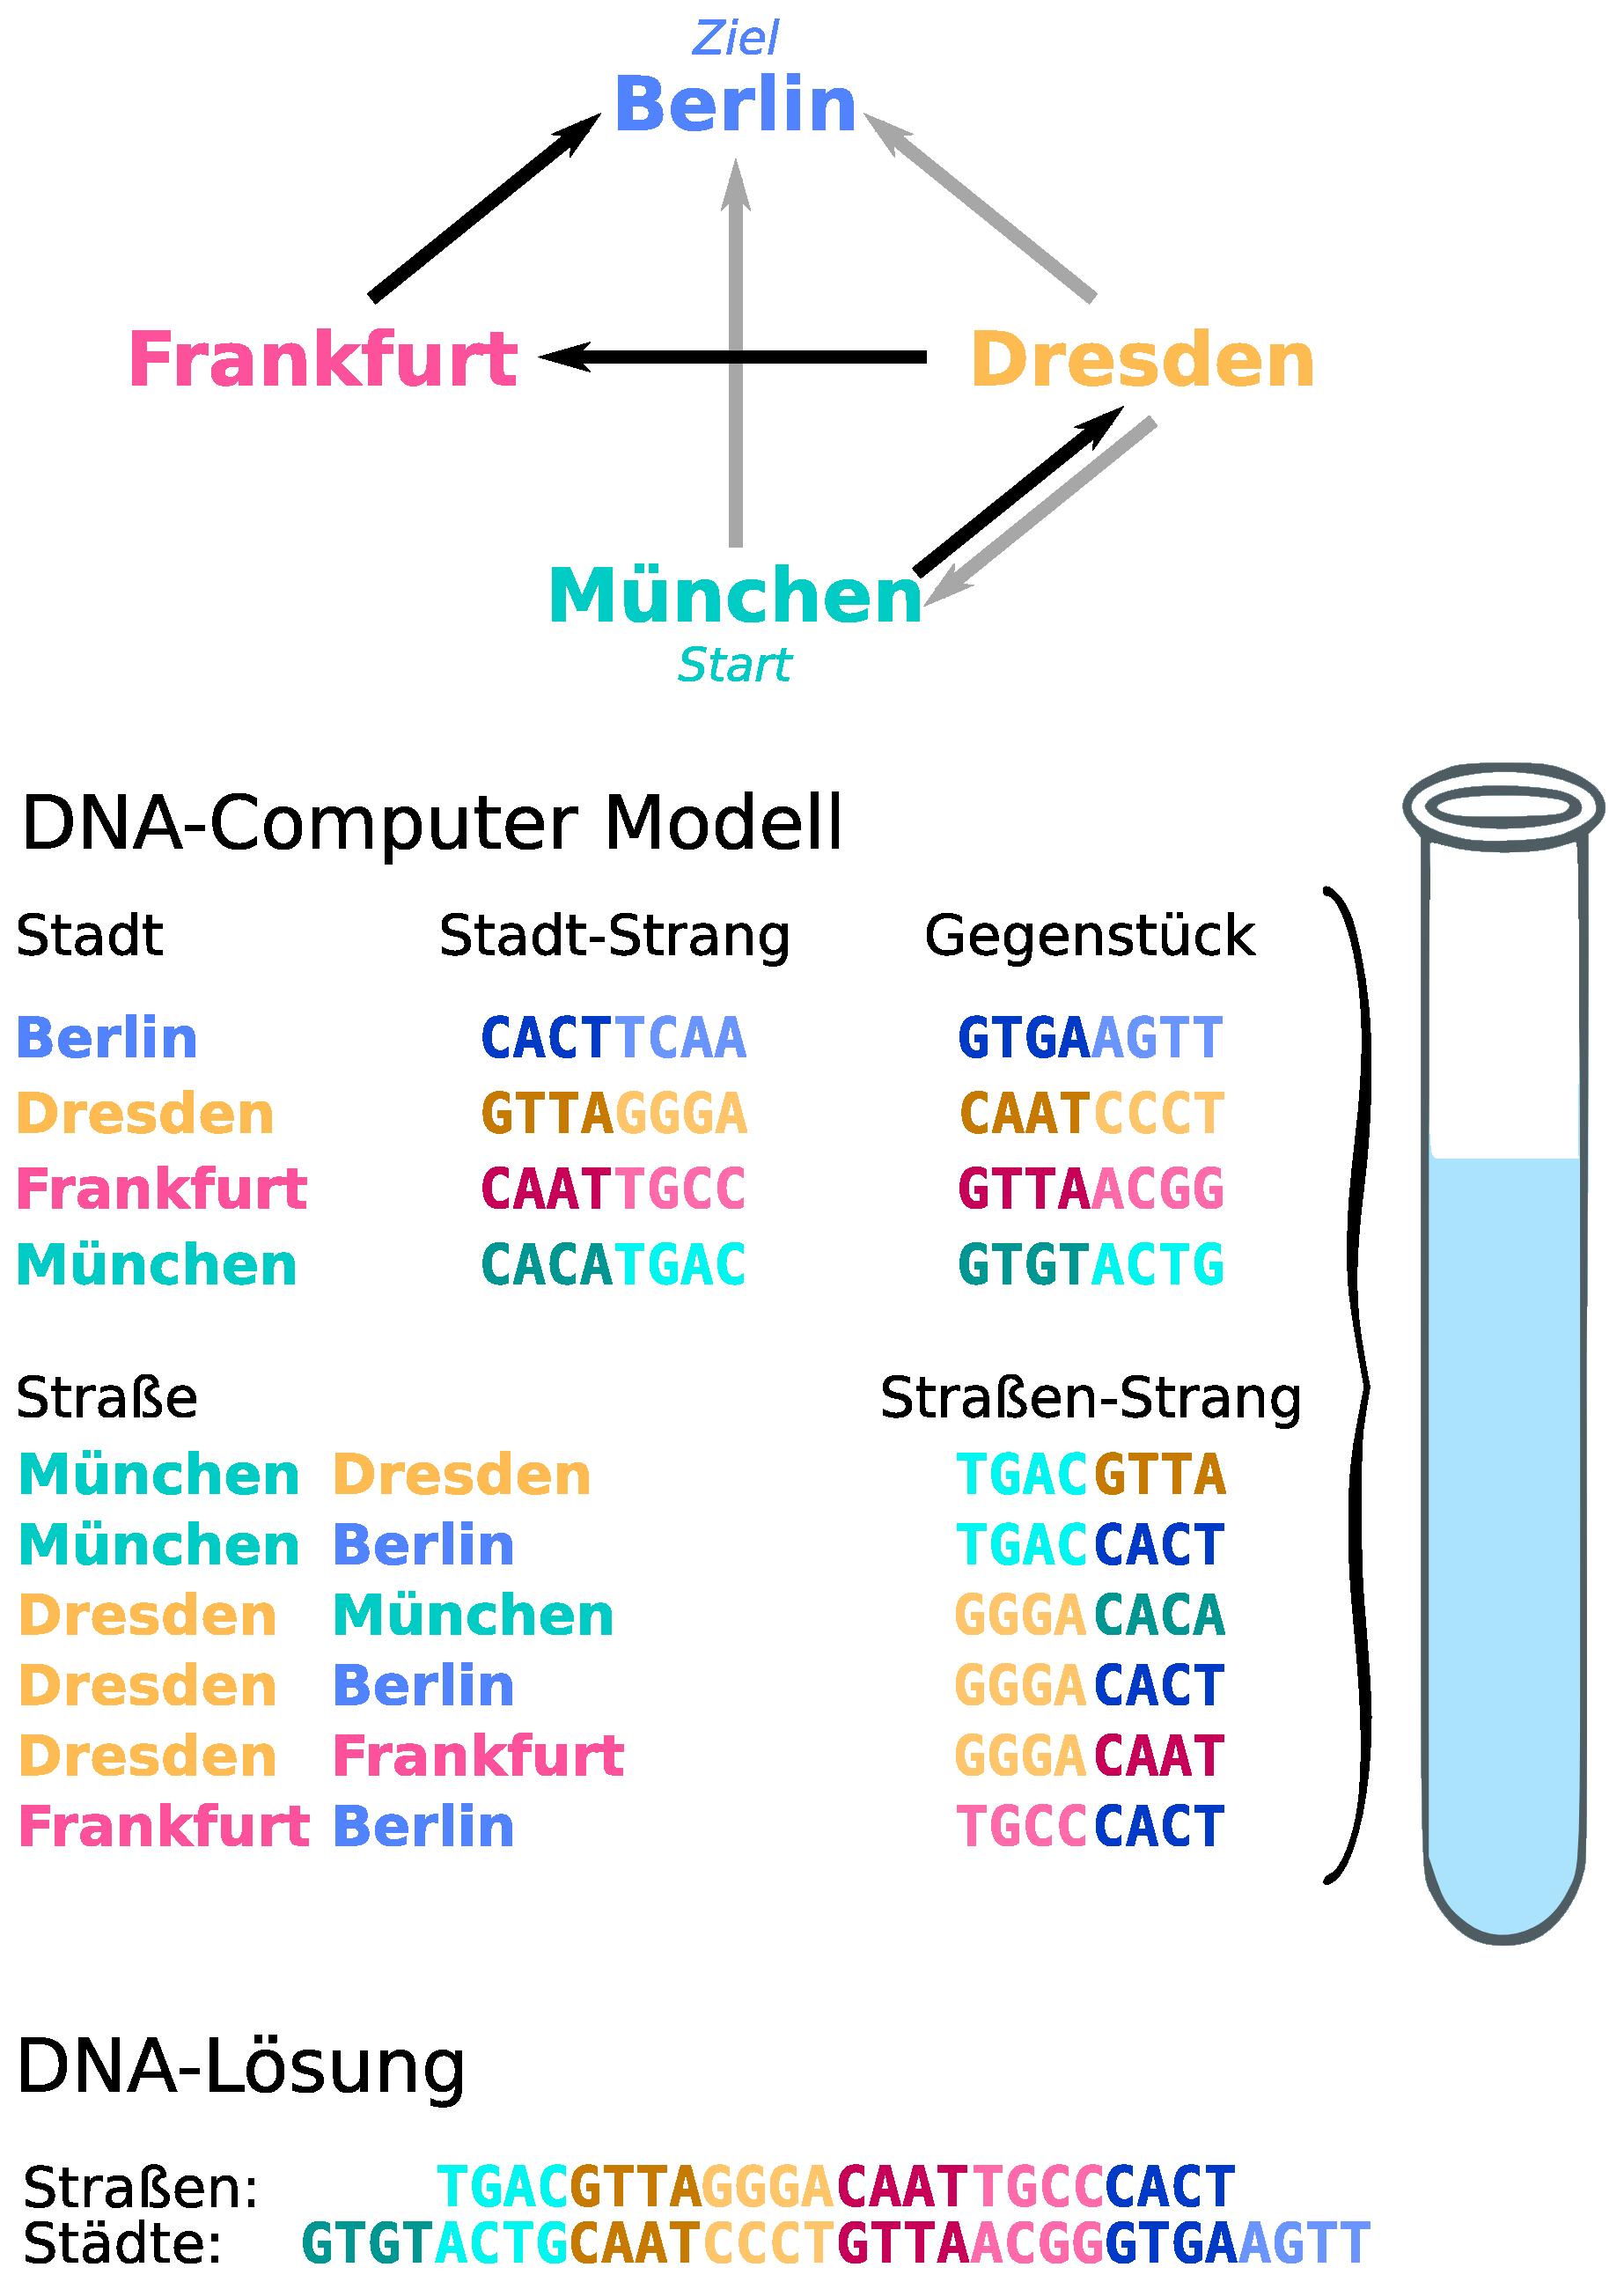 DNA-Computer Modell nach dem Prinzip von Adleman für das Hamiltonpfad-Problem mit vier Städten.